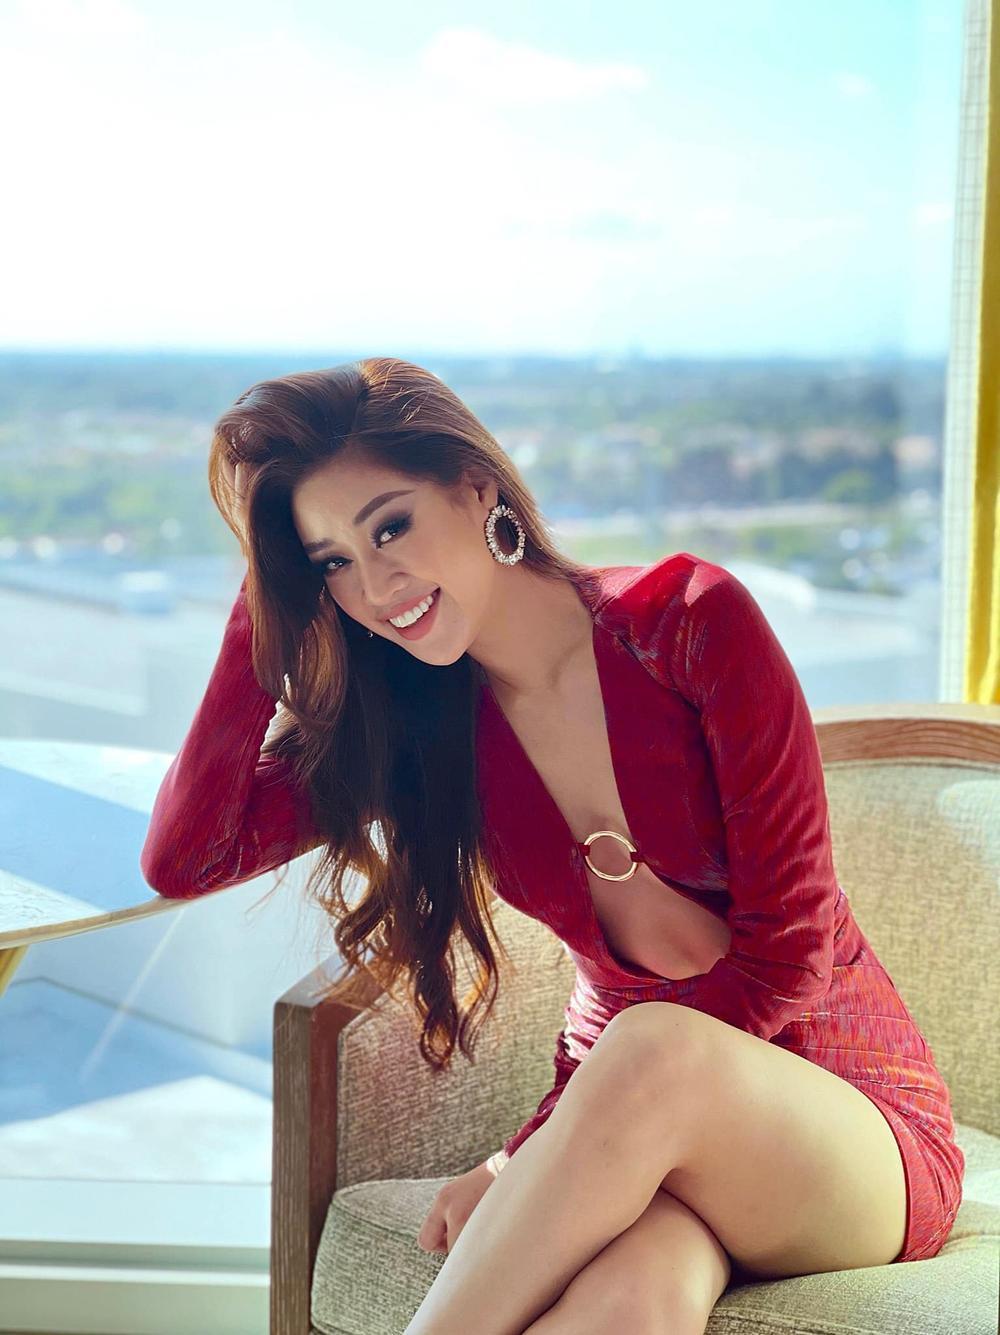 Hoa hậu Khánh Vân gây 'tê liệt' khi liên tục khoe rãnh bụng nét căng và vòng eo nổi múi Ảnh 7